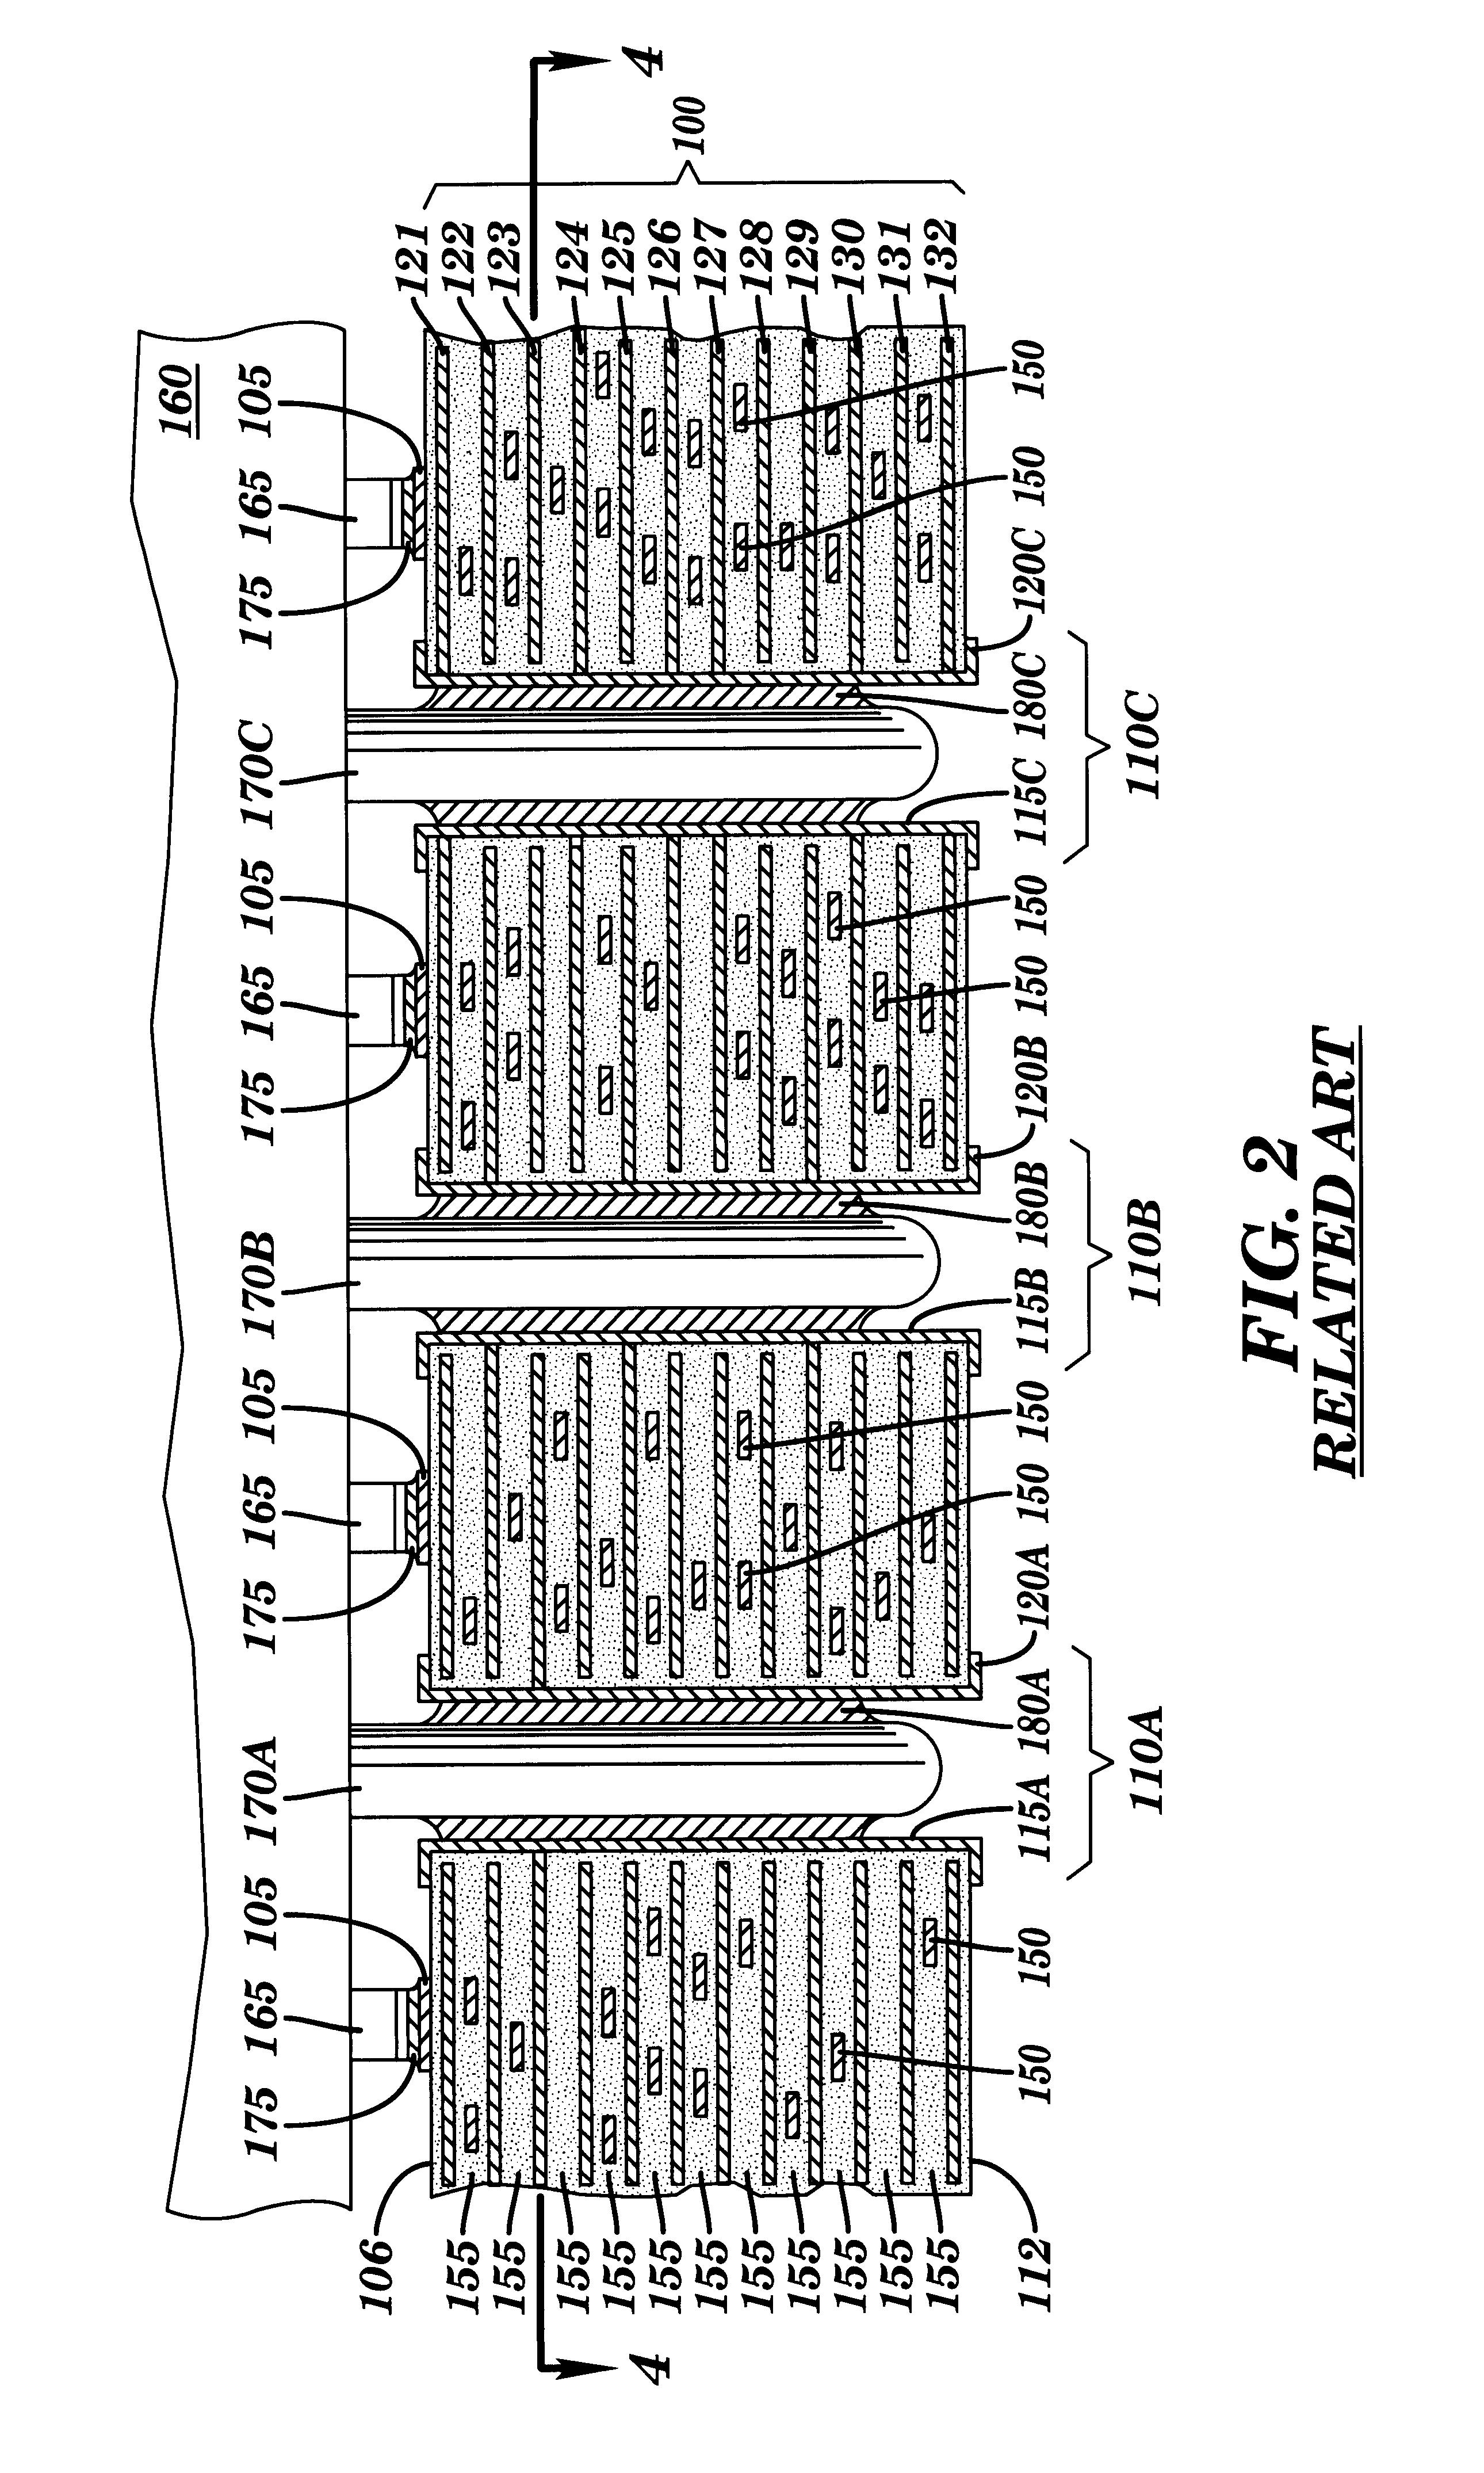 patent us6521842